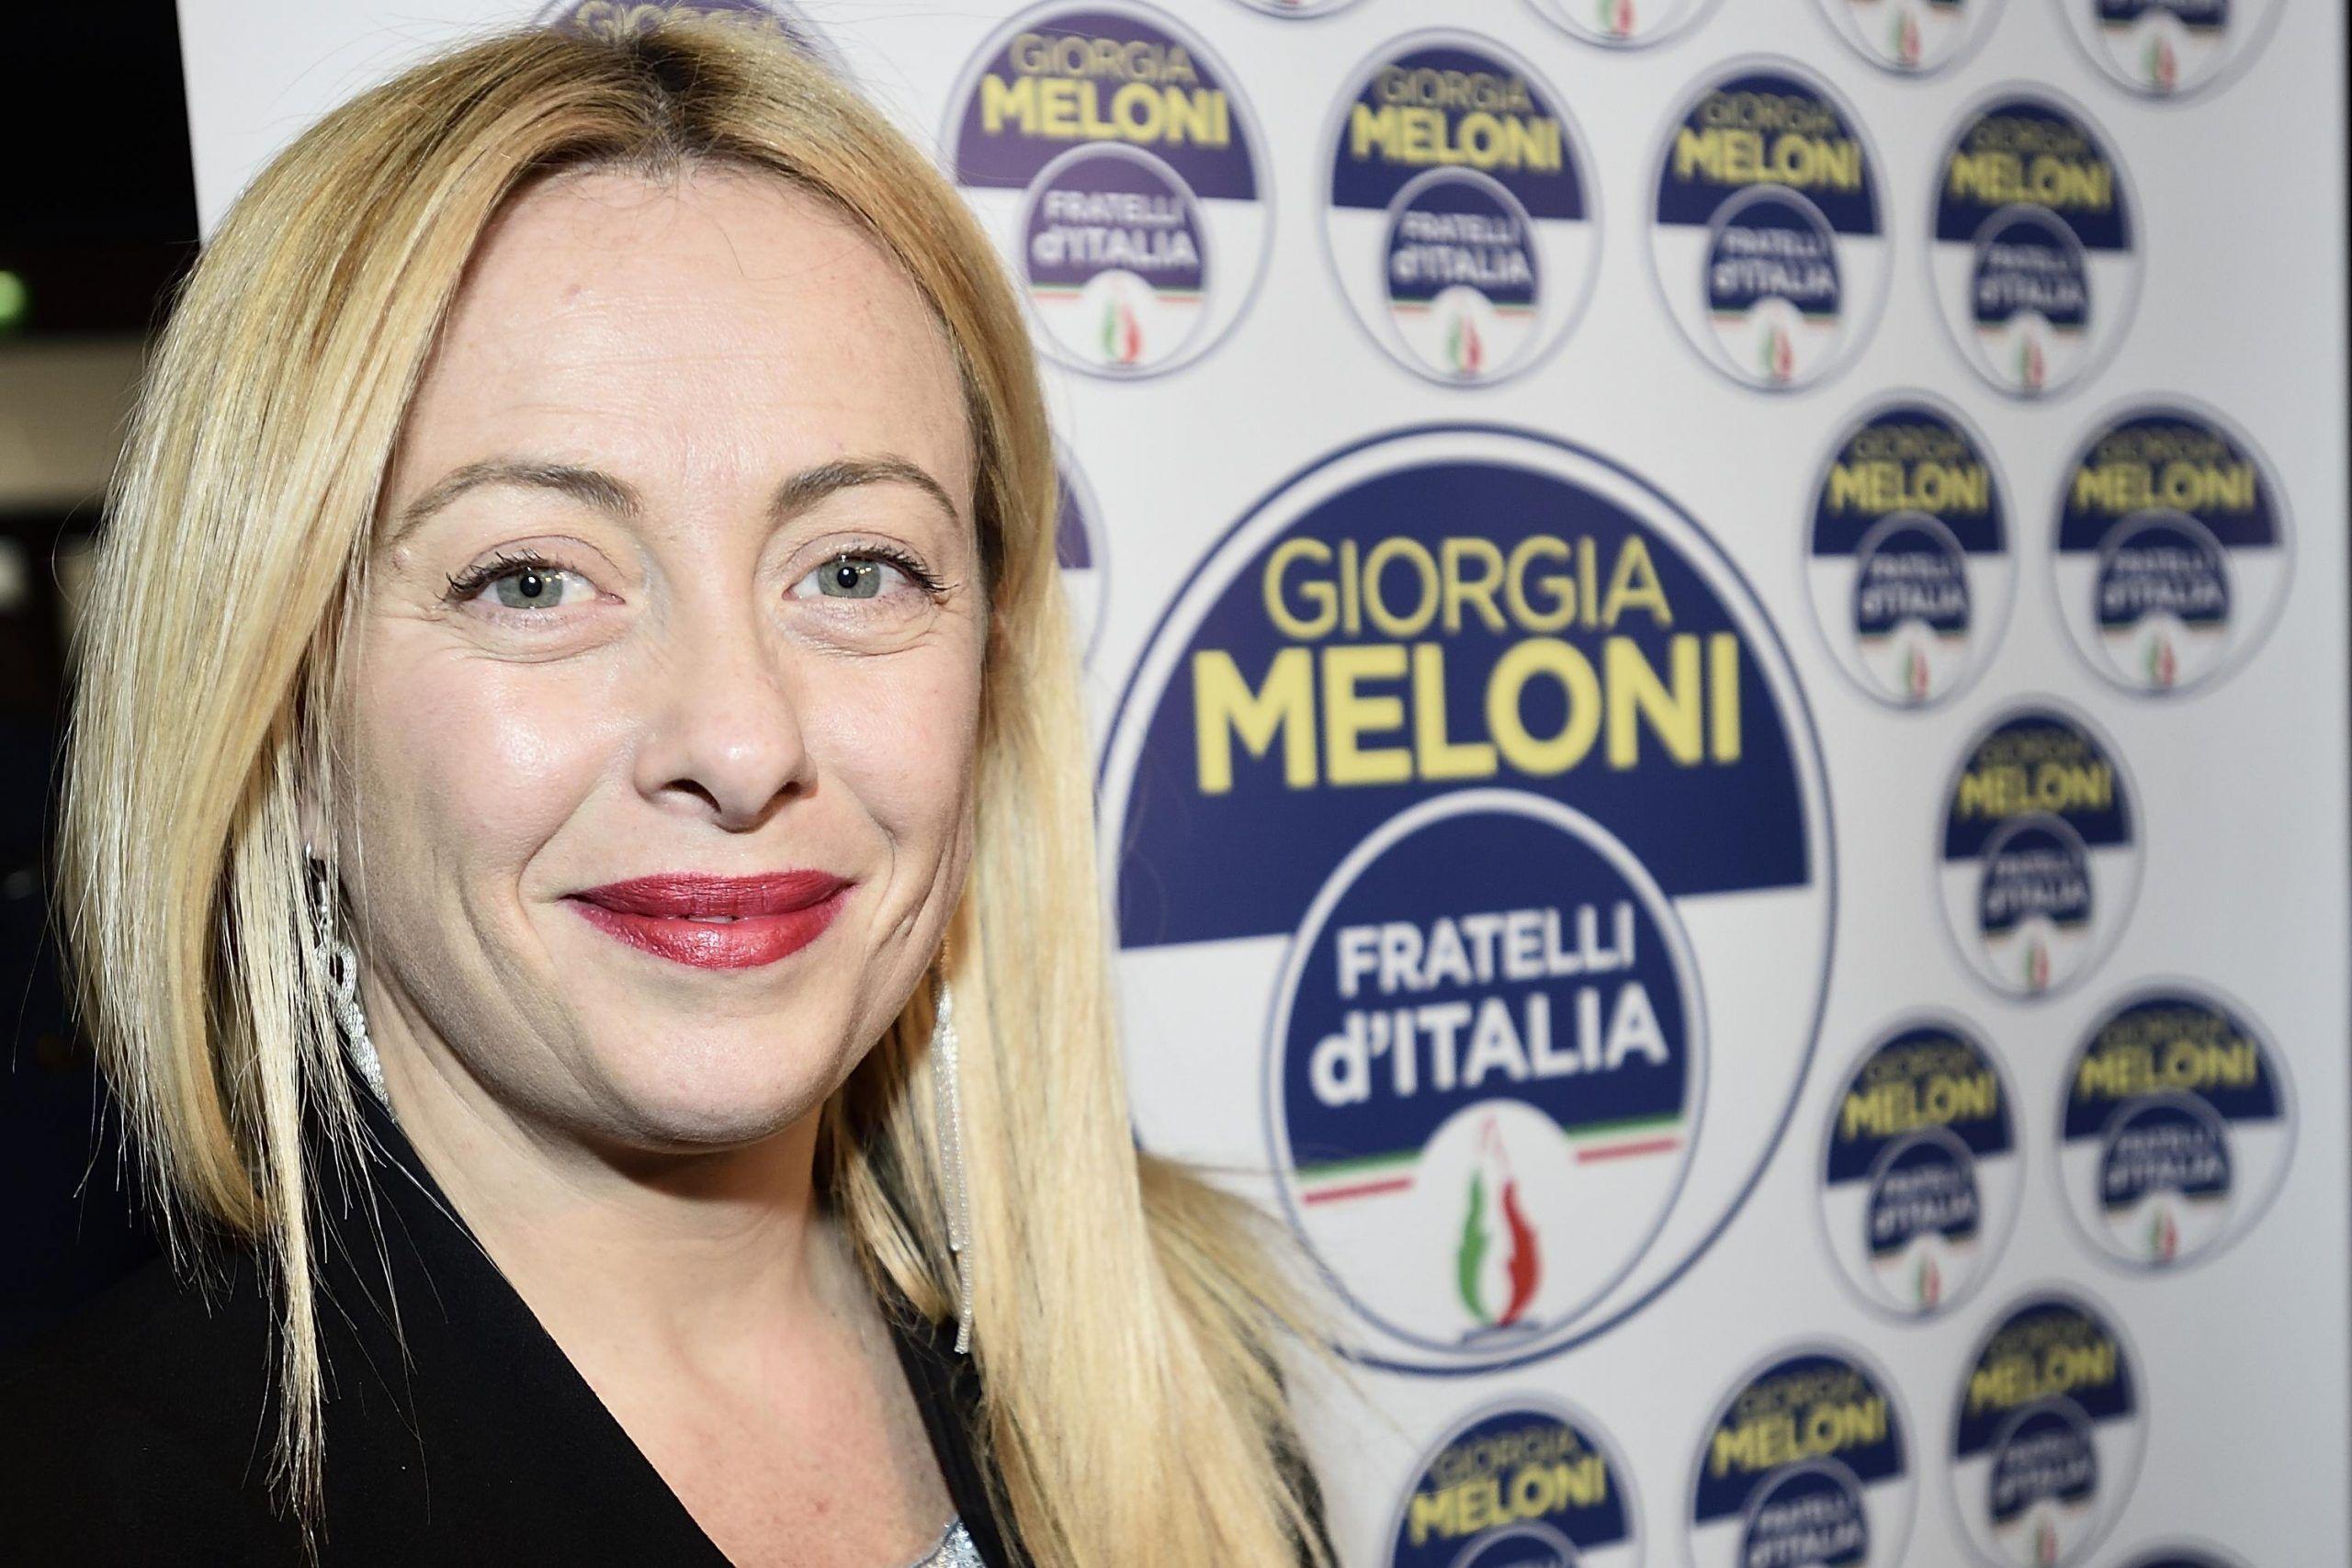 Giorgia Meloni propone asili nido gratis, aperti anche di sera e in estate